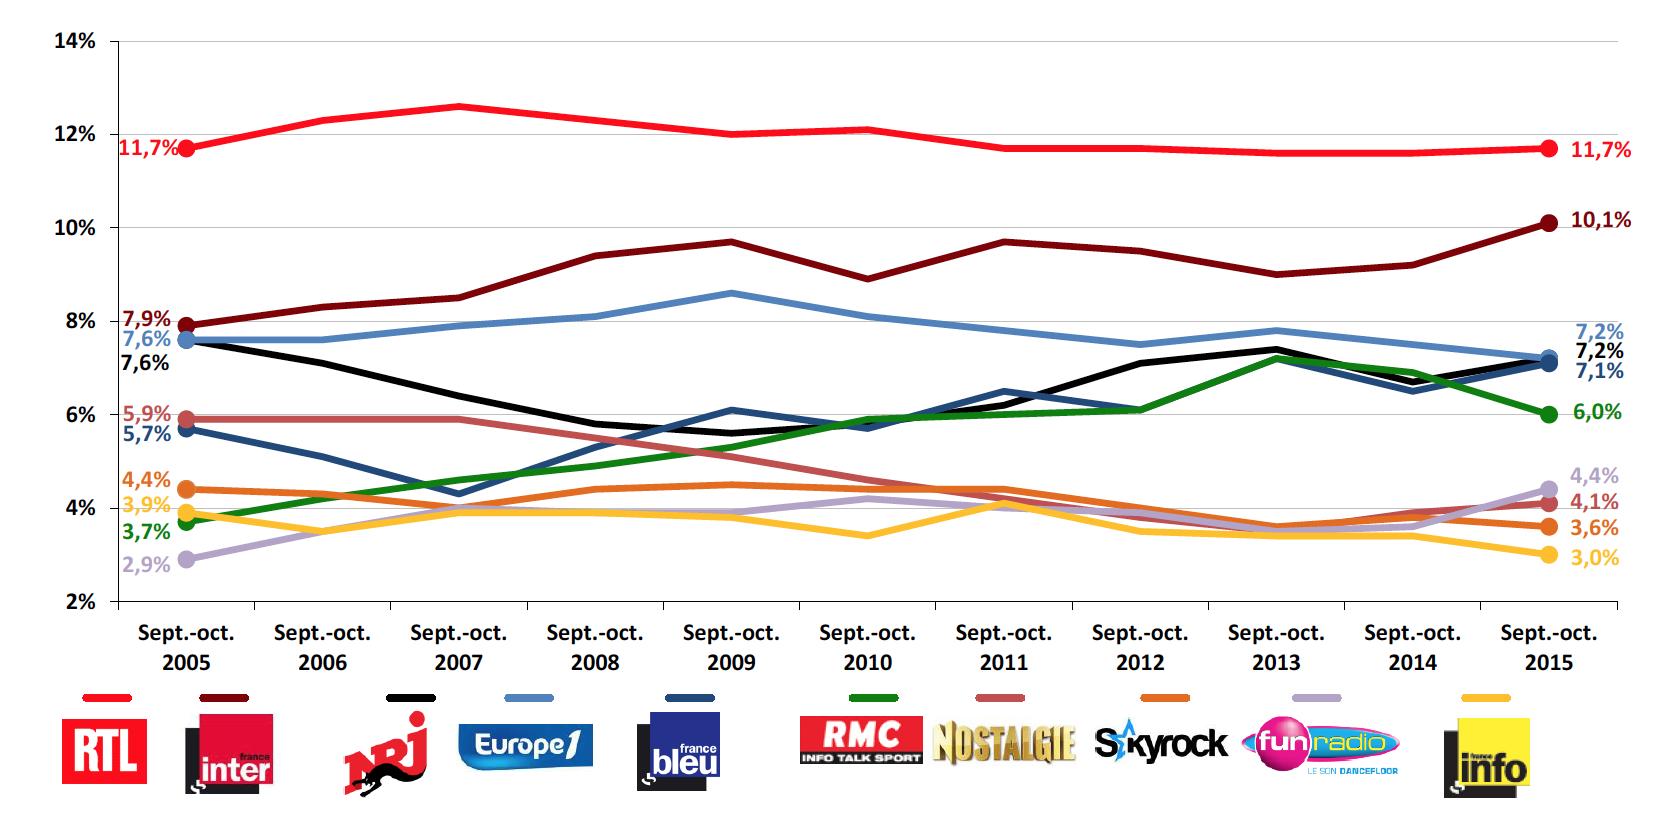 Les dix premières stations en termes de parts d'audience en septembre-octobre 2015 et leur évolution depuis 10 ans